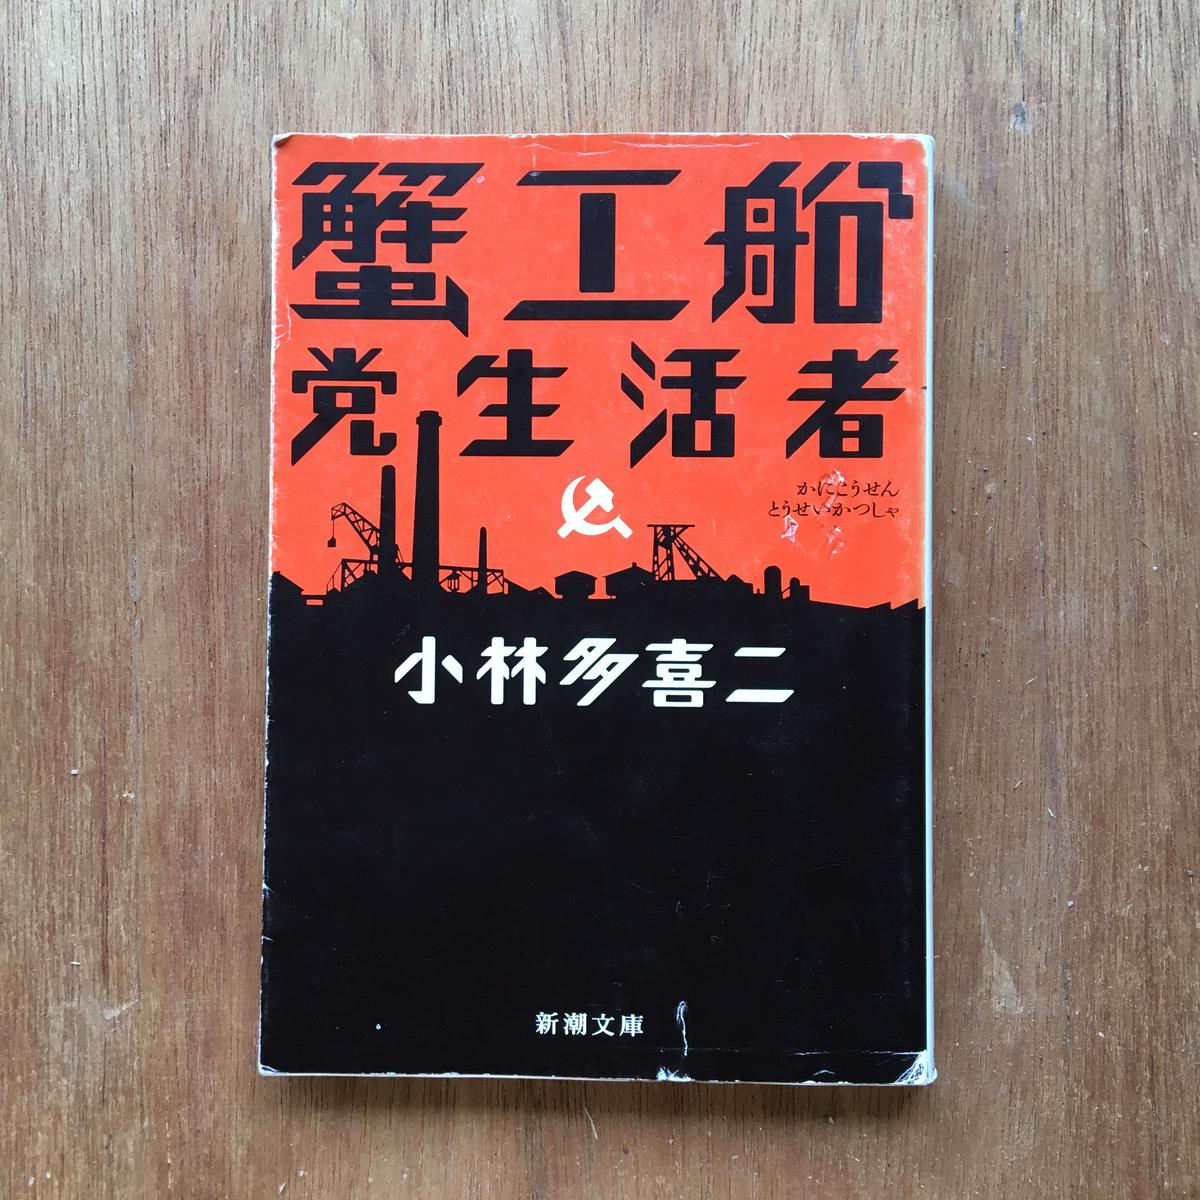 """プロレタリア作家""""パック(3冊セット):小林多喜二『蟹工船・党生活者 ..."""